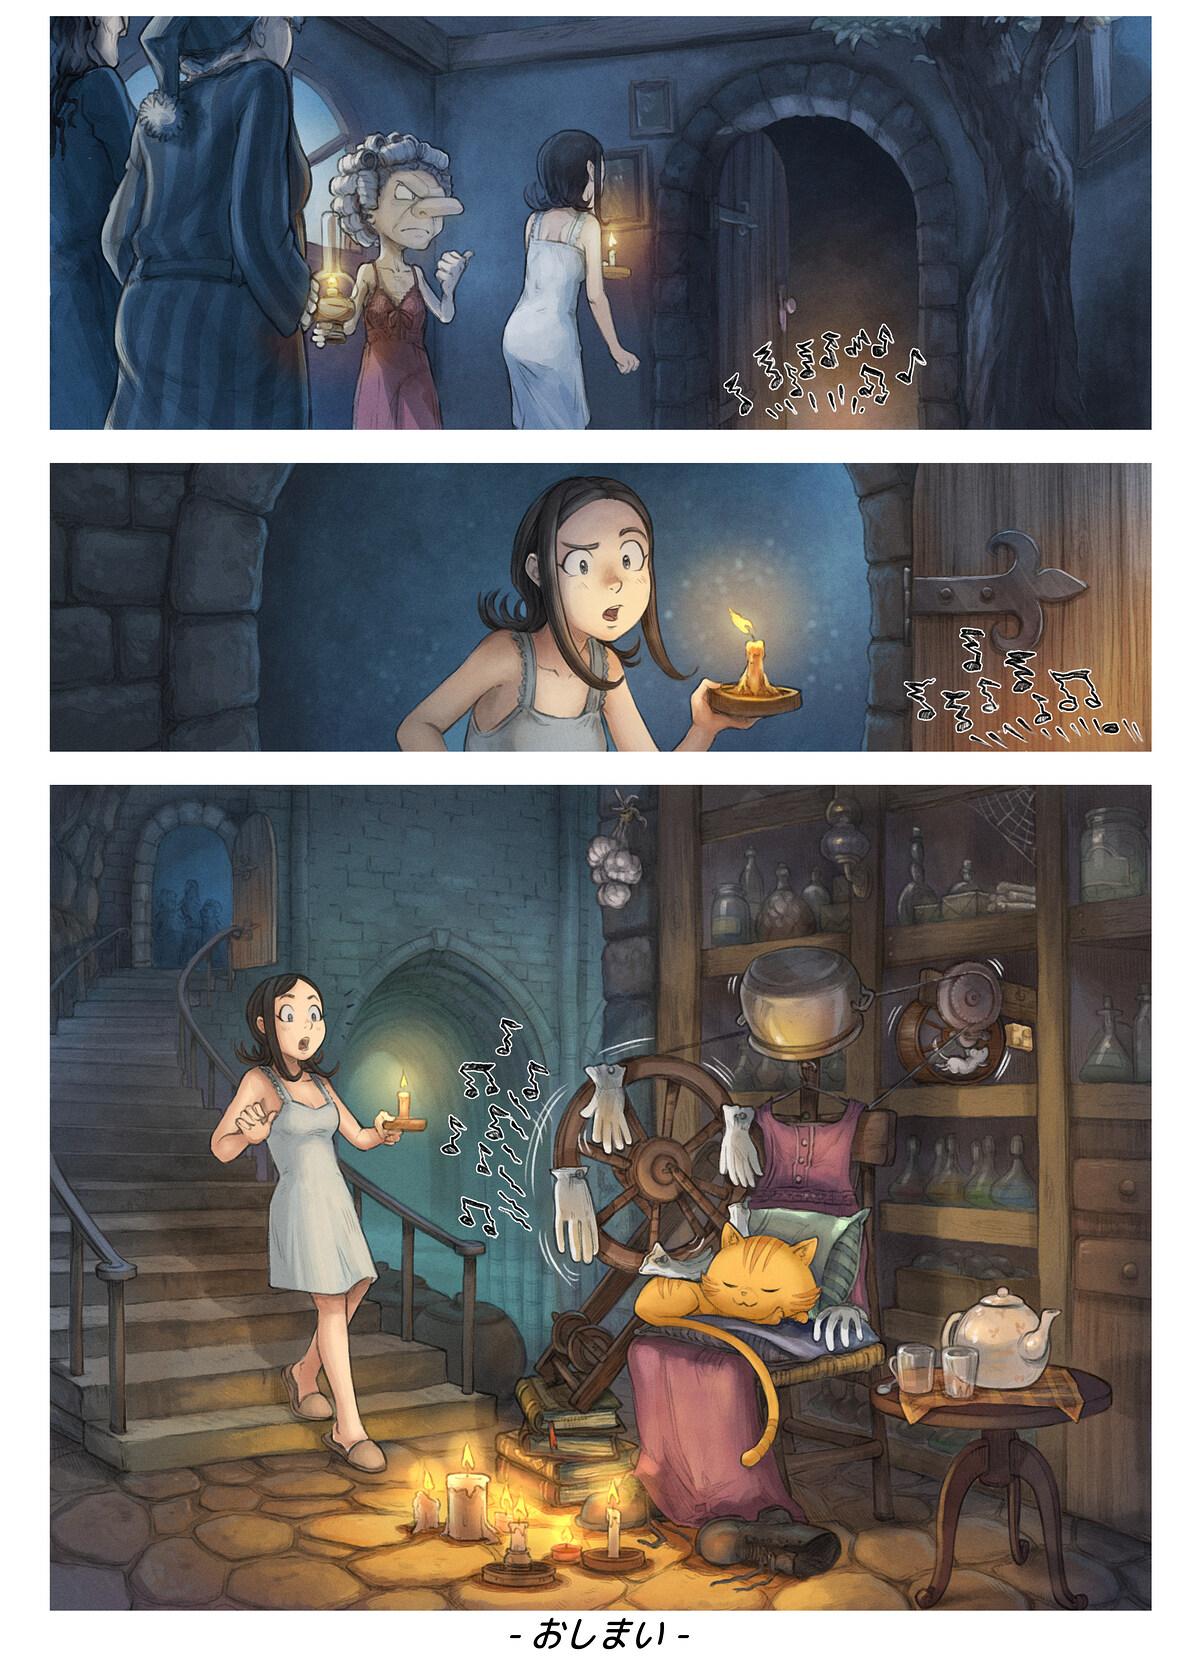 エピソード 30: 抱きしめてほしい, ページ 6